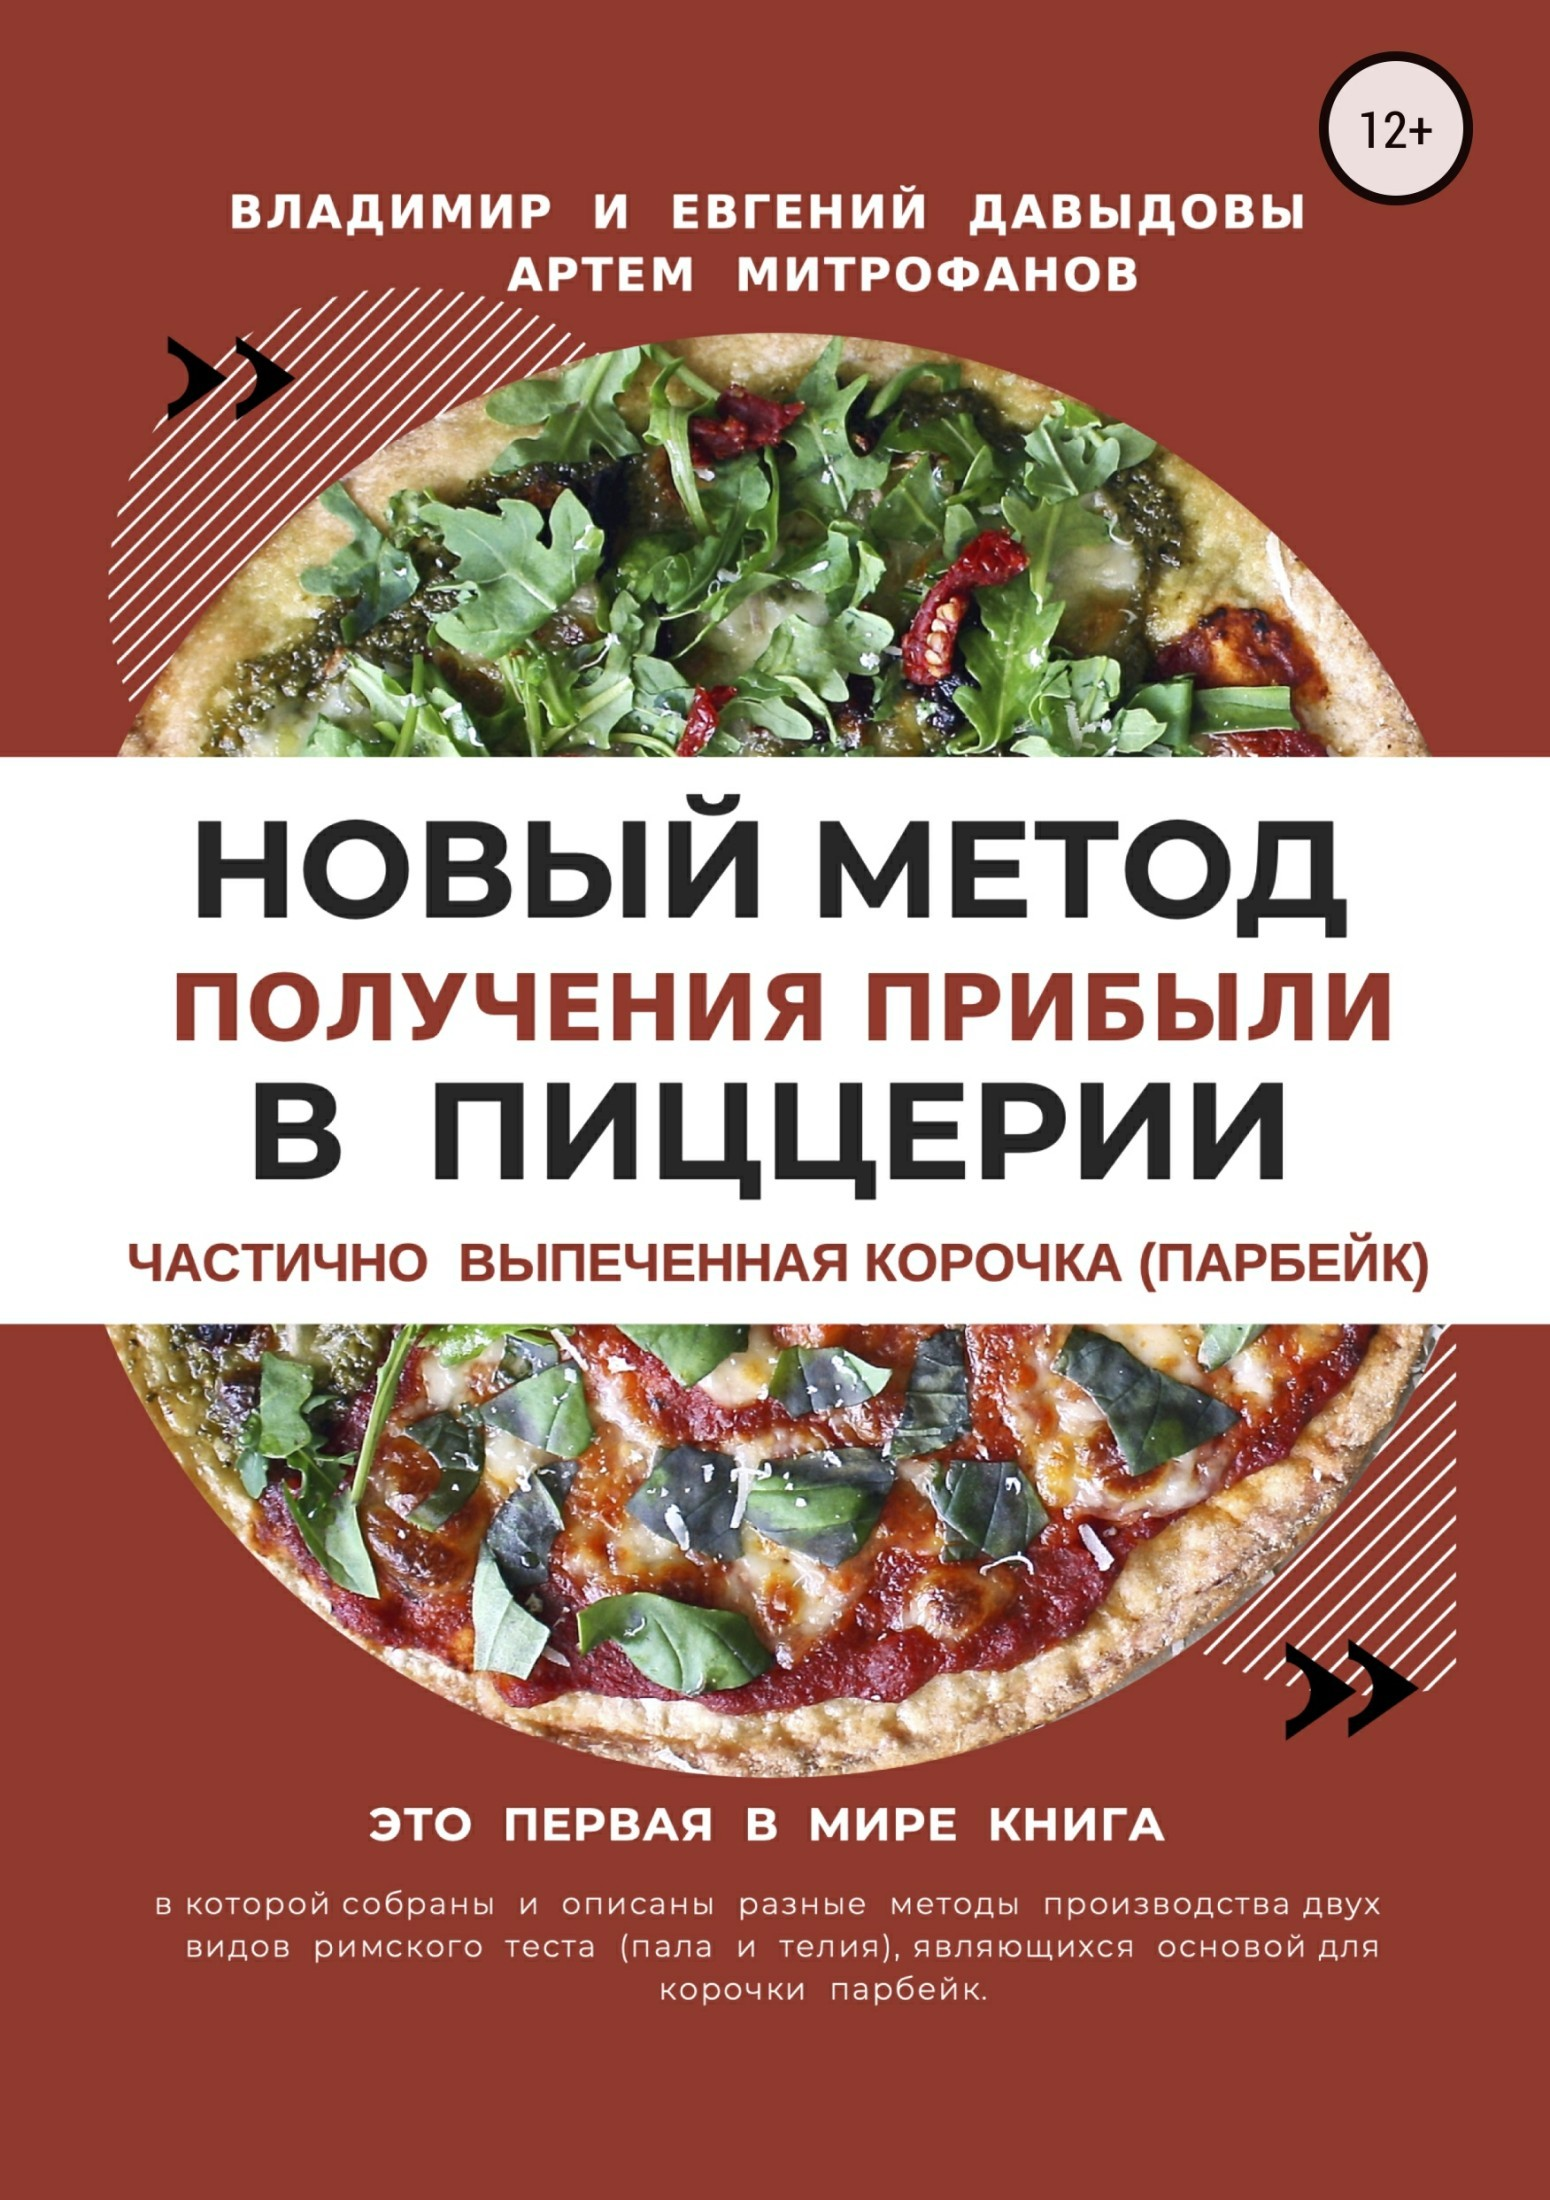 Обложка книги Новый метод получения прибыли в пиццерии